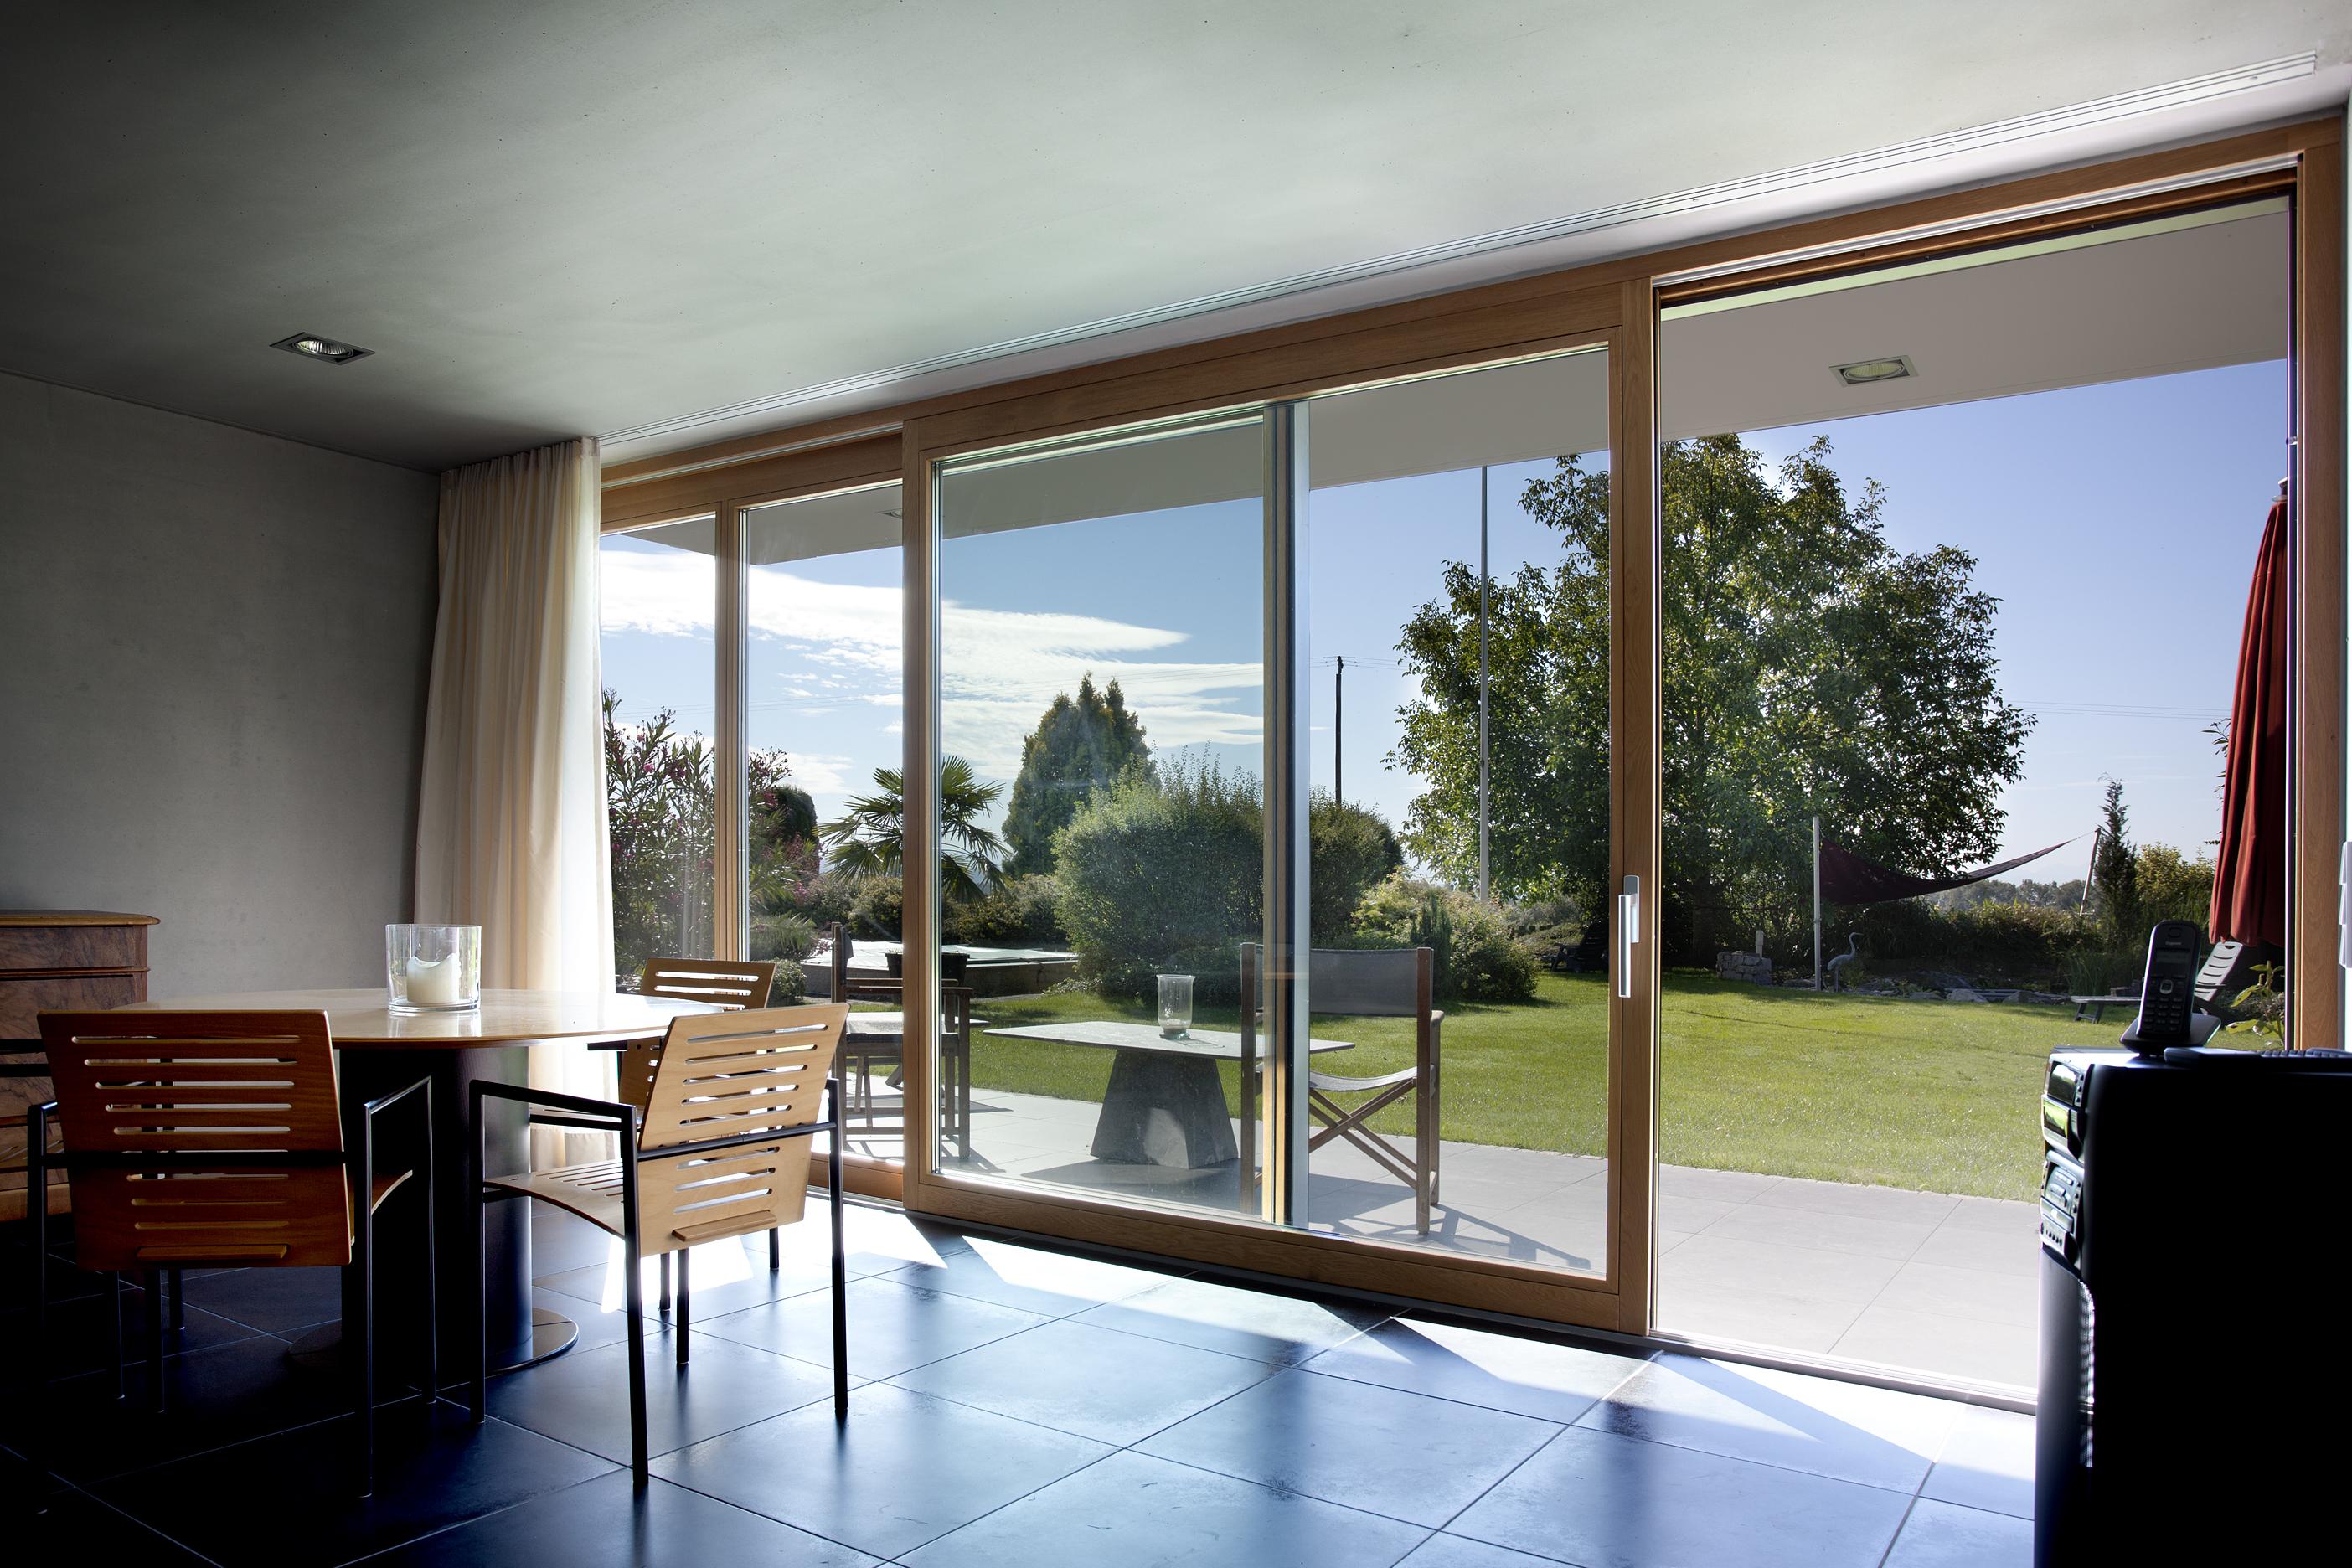 Wir Gestalten Terrassen  Und Balkontüren Ganz Nach Ihren Wünschen!